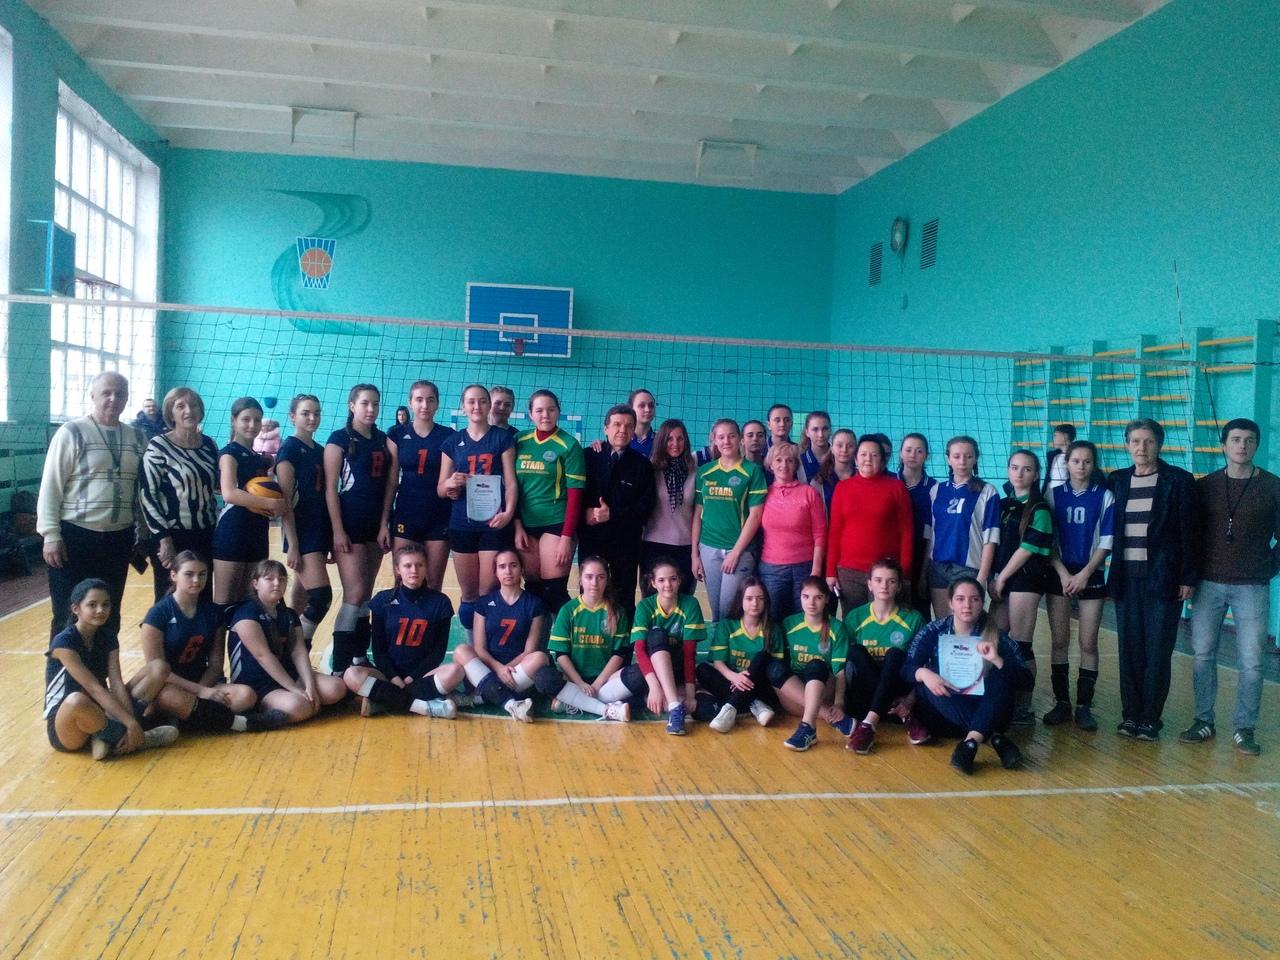 В Донецке прошли финальные игры за 1-3 место в первенстве города Донецка по волейболу среди девушек